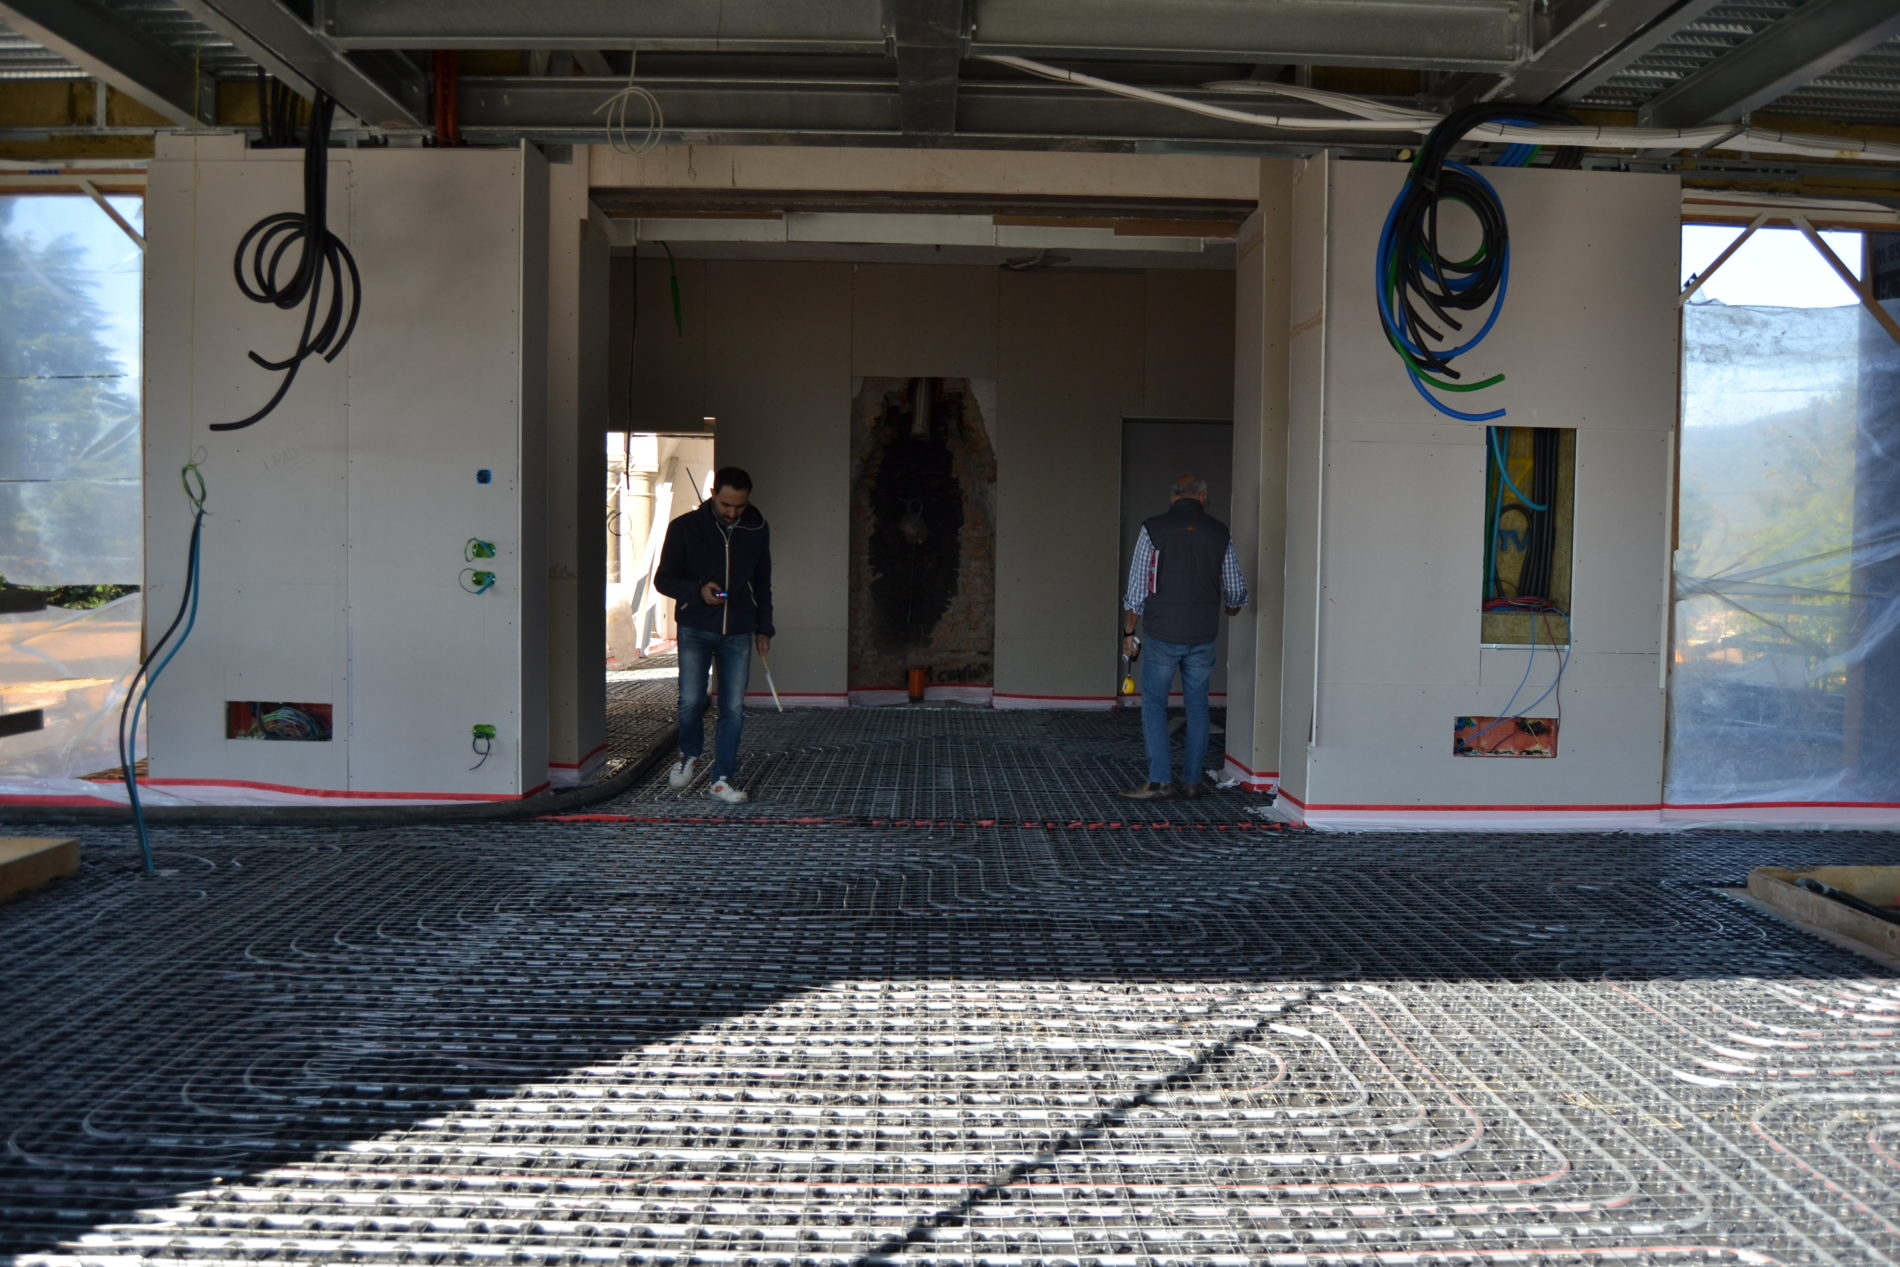 Ottimizzare Riscaldamento A Pavimento parquet e riscaldamento a pavimento - il parquet di